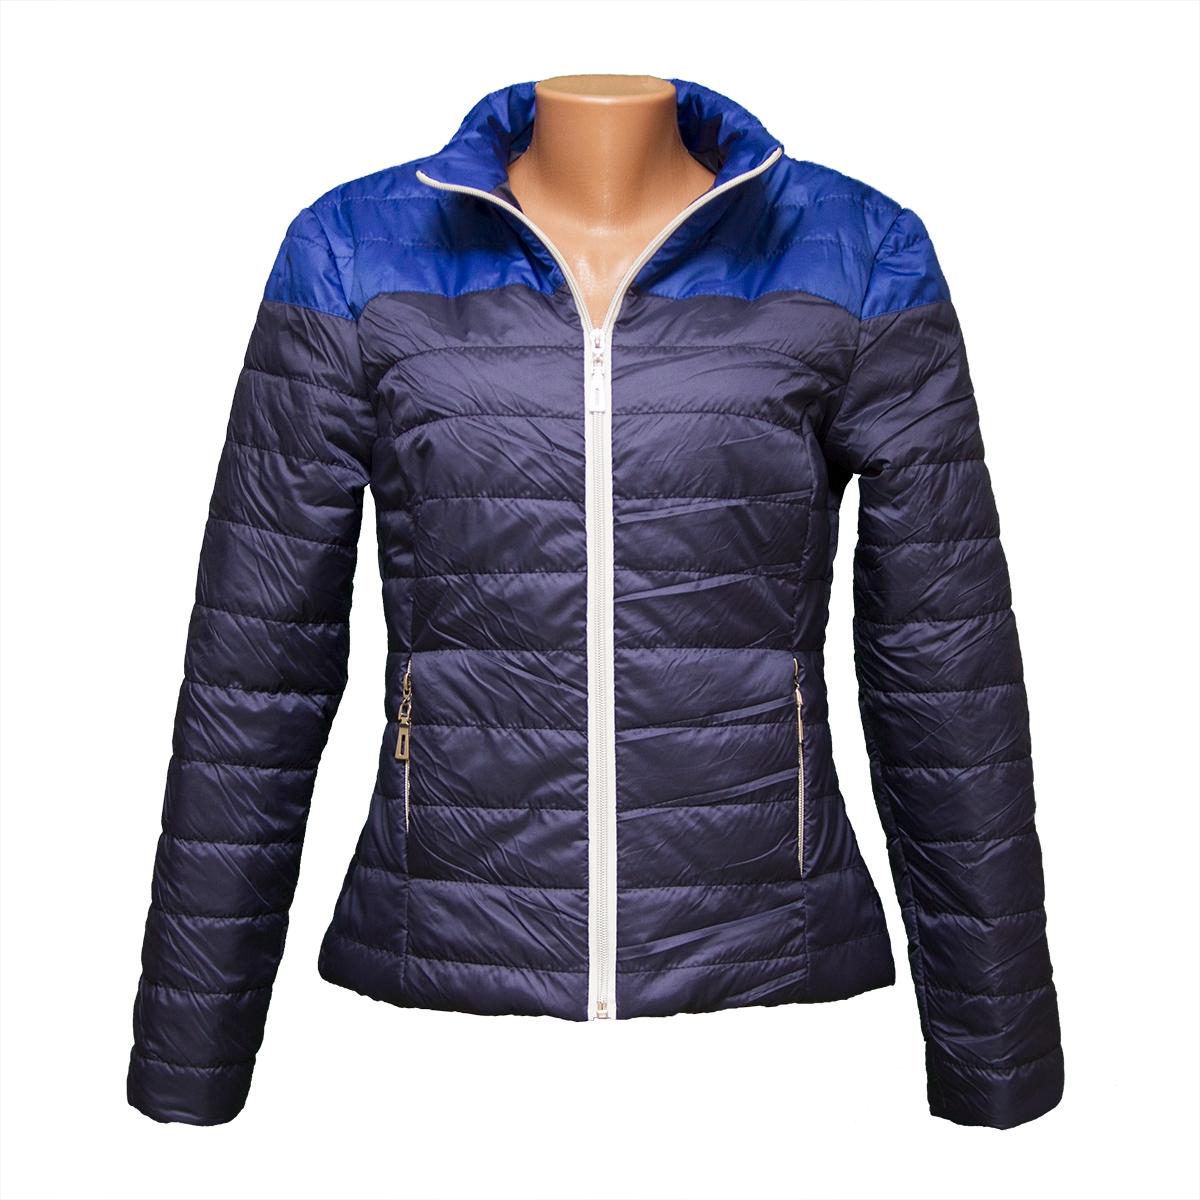 Куртка на женская весенняя пр-во Украина по низким ценам  KD377-4